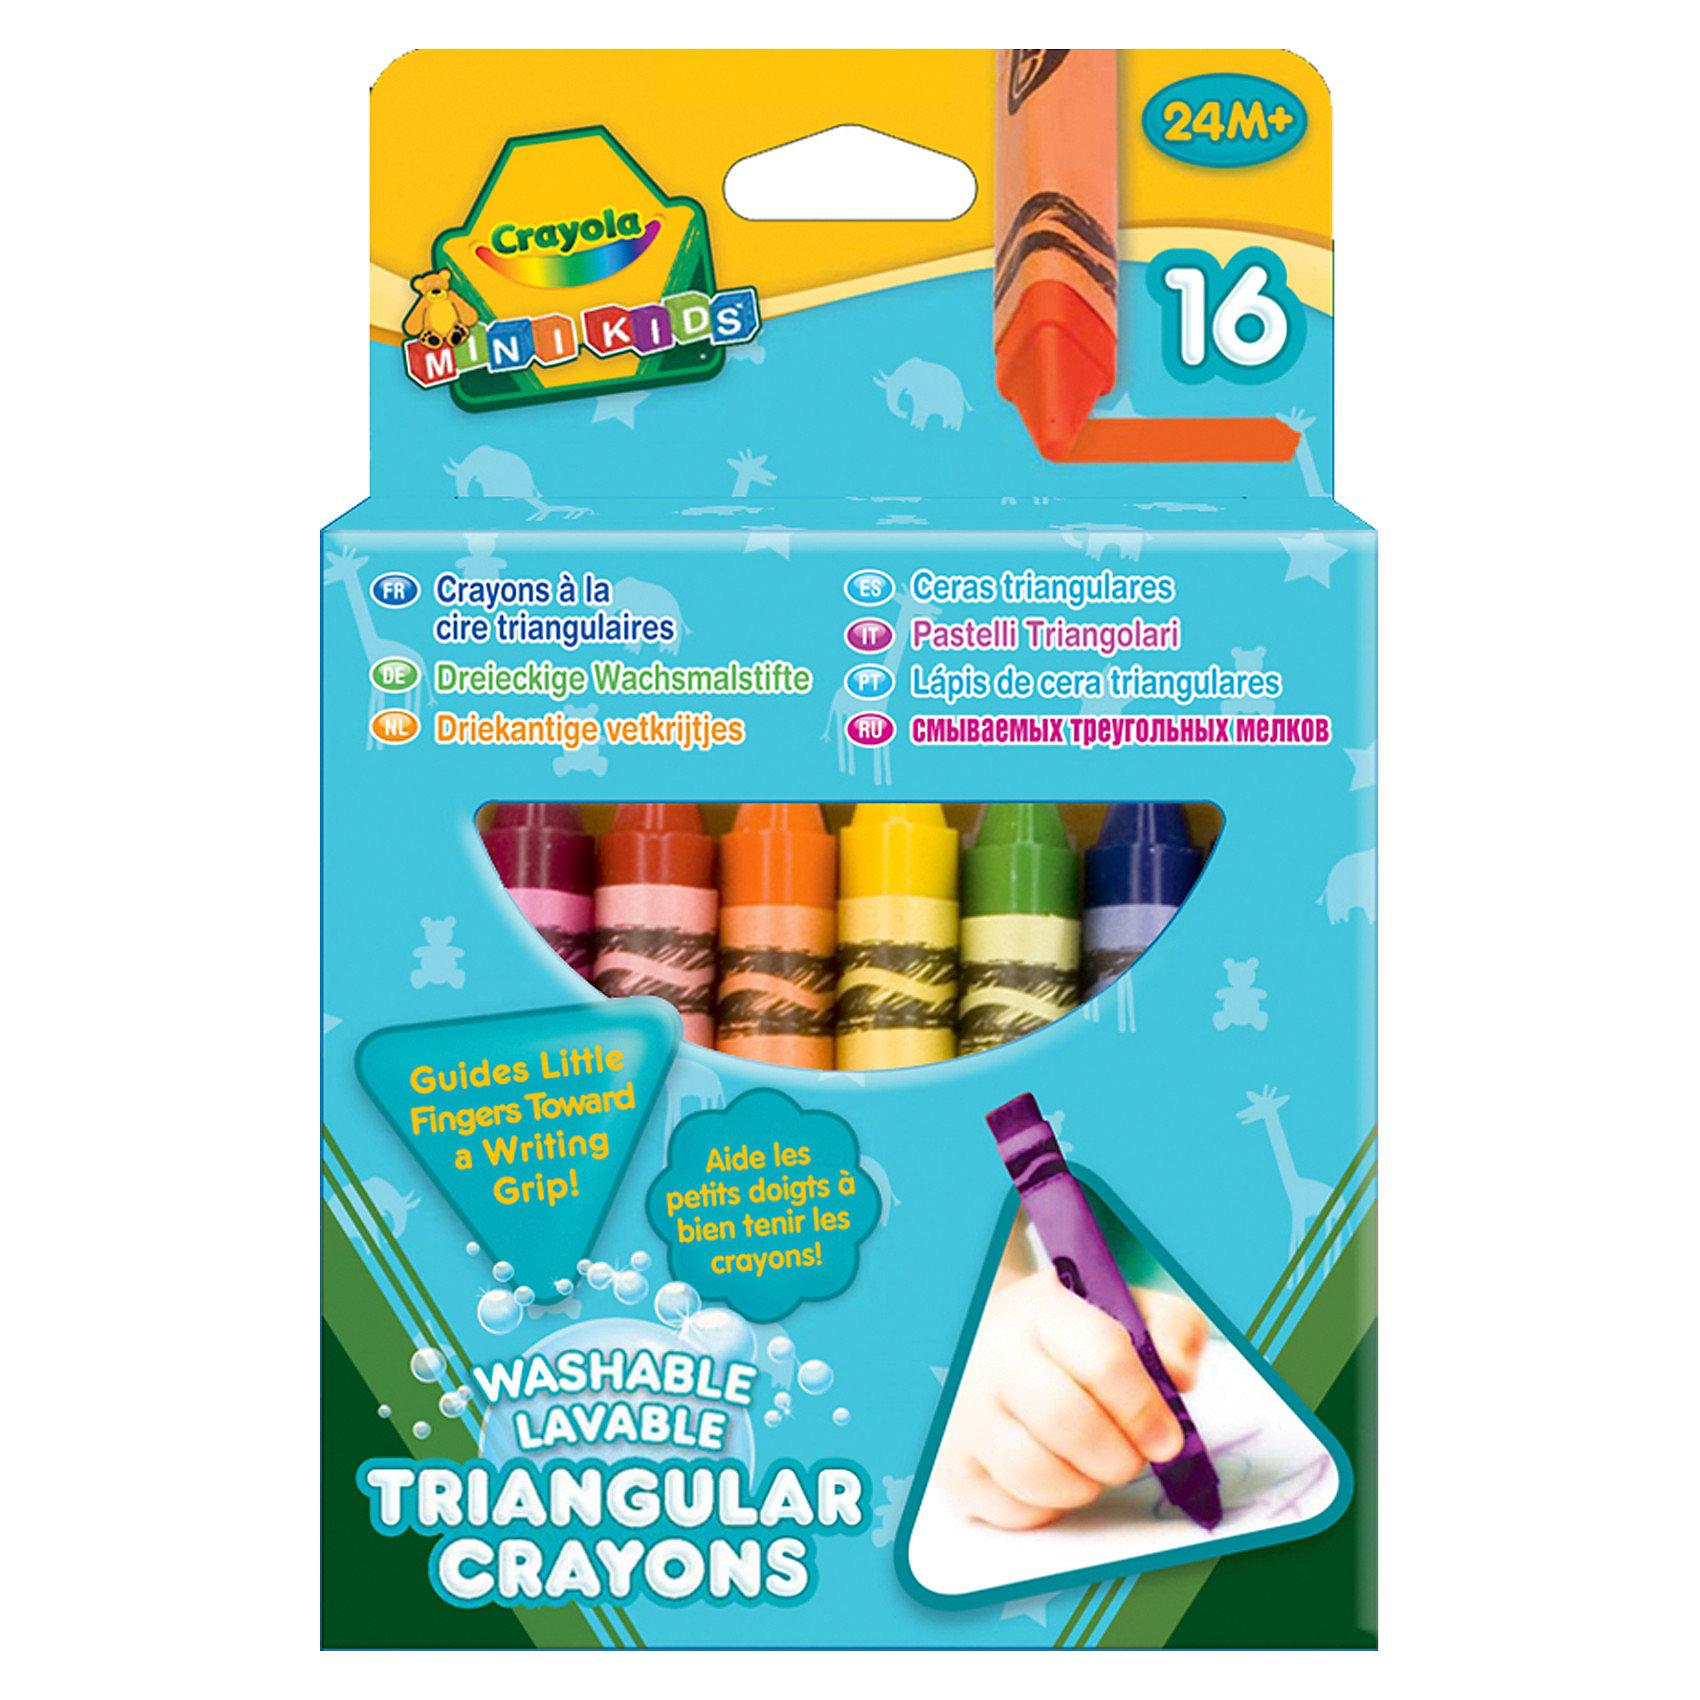 16 смываемых треугольных восковых мелков, CrayolaТворчество для малышей<br>16 смываемых треугольных восковых мелков от Crayola (Крайола) рекрасно подходят для творческих занятий Вашего ребёнка! Мелки изготовлены из натурального пчелиного воска с добавлением растительных красителей, поэтому они совершенно безвредны. <br><br>Цвета мелков яркие, сочные, а текстура мягкая, что позволит рисовать легко и весело. Кроме того, мелки не ломаются, не пачкают руки и одежду! Порадуйте своего ребёнка таким необходимым набором восковых мелков от Кайола!<br><br>16 смываемых треугольных восковых мелков от Crayola (Крайола) можно купить в нашем интернет-магазине.<br><br>Ширина мм: 146<br>Глубина мм: 99<br>Высота мм: 30<br>Вес г: 149<br>Возраст от месяцев: 24<br>Возраст до месяцев: 60<br>Пол: Унисекс<br>Возраст: Детский<br>SKU: 3175009